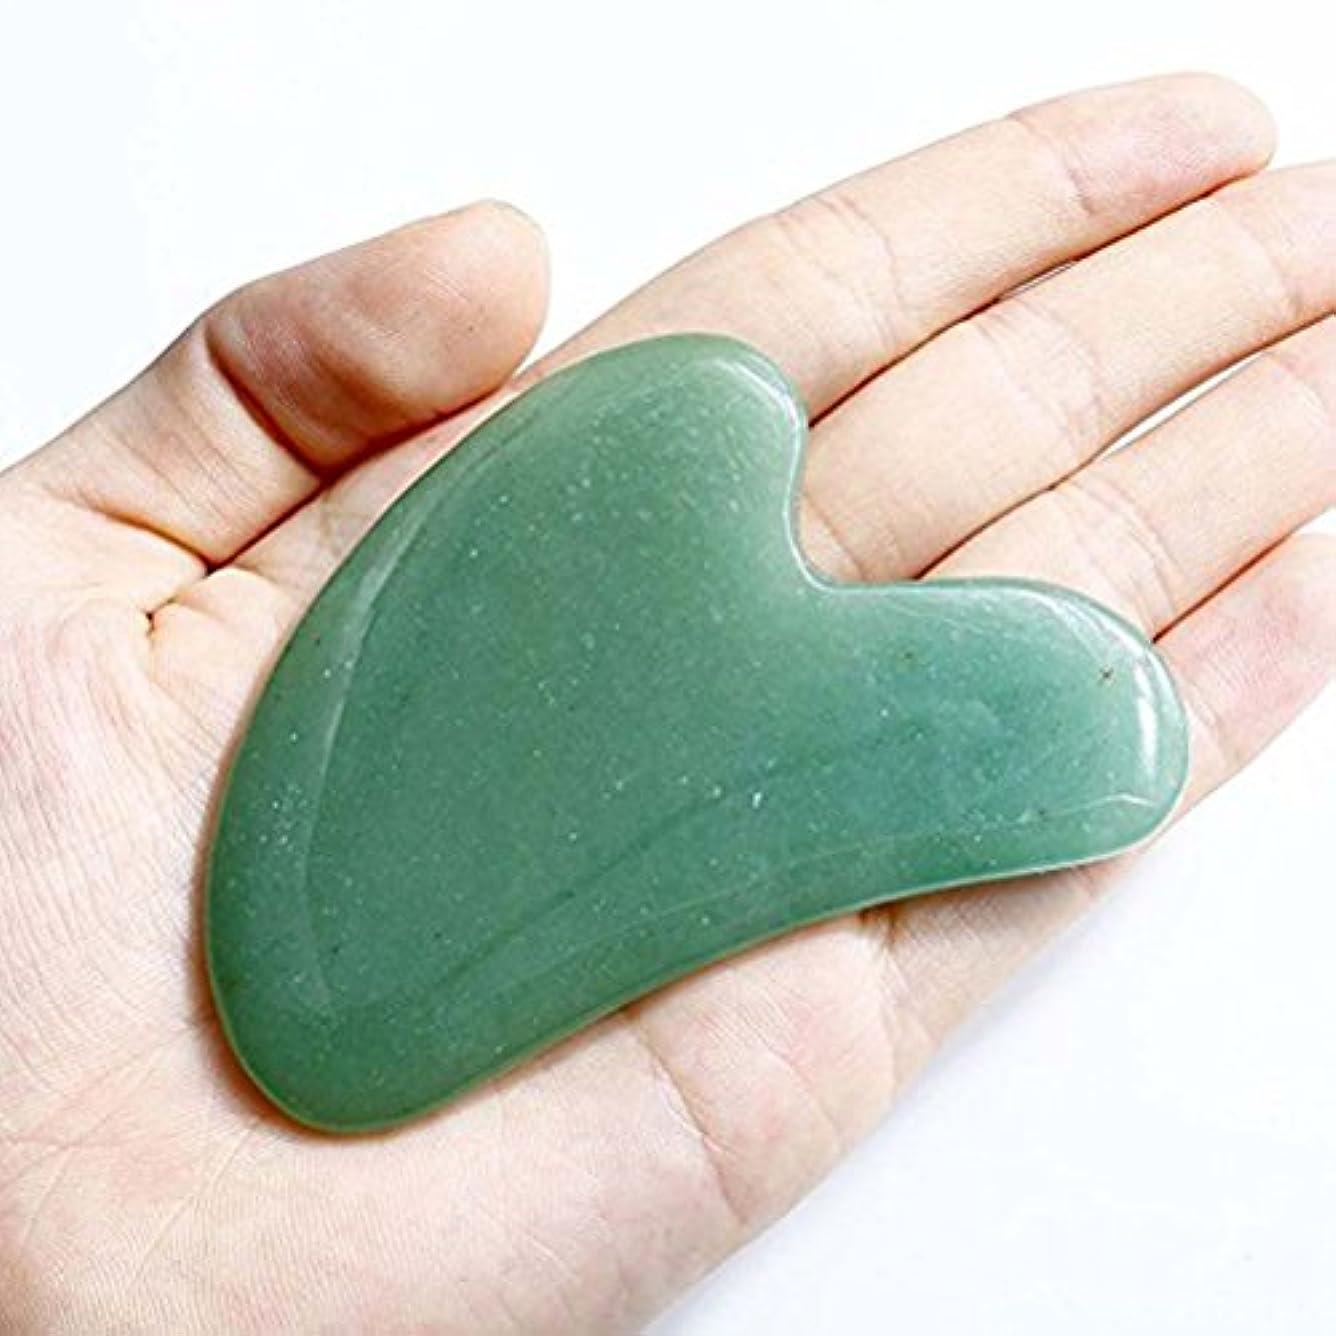 クリエイティブ防止ウミウシEcho & Kern Face / Body Massage Green Aventurine heart shape ハート形状かっさプレート 天然石 翡翠色(顔?ボディのリンパマッサージ) (かっさプレートH)